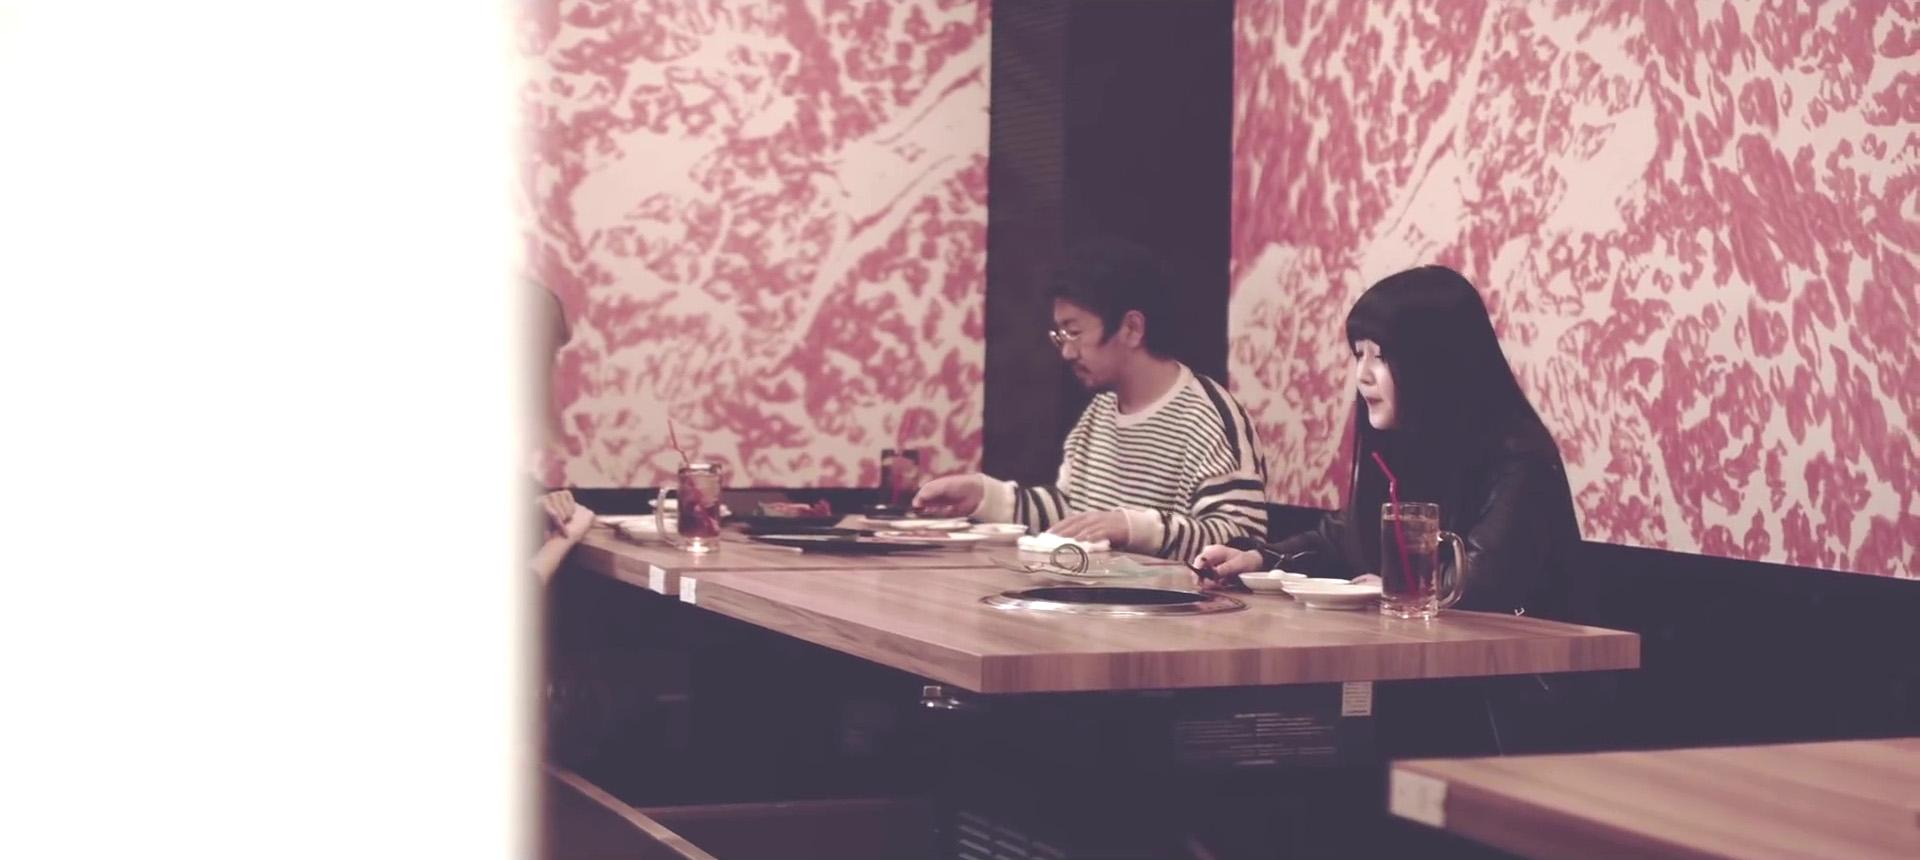 乃木坂46 久保史緒里 吸血鬼 史緒里 個人pv撮影場所 Fumi Diary 2号店